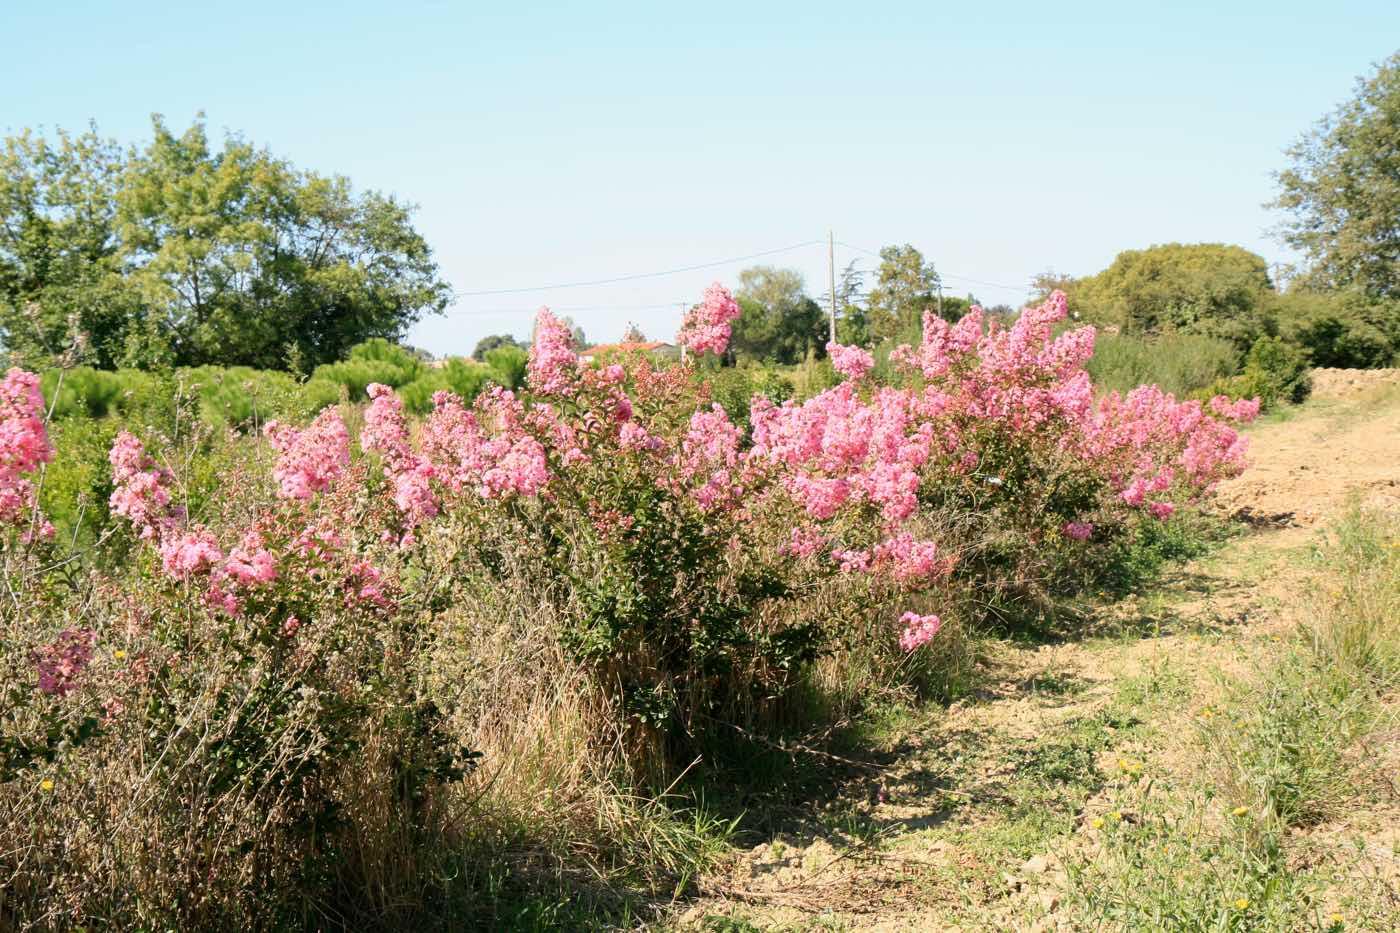 Vente de forsythia - Pépinière de l'Aiguillon Jardi Vert Toulouse